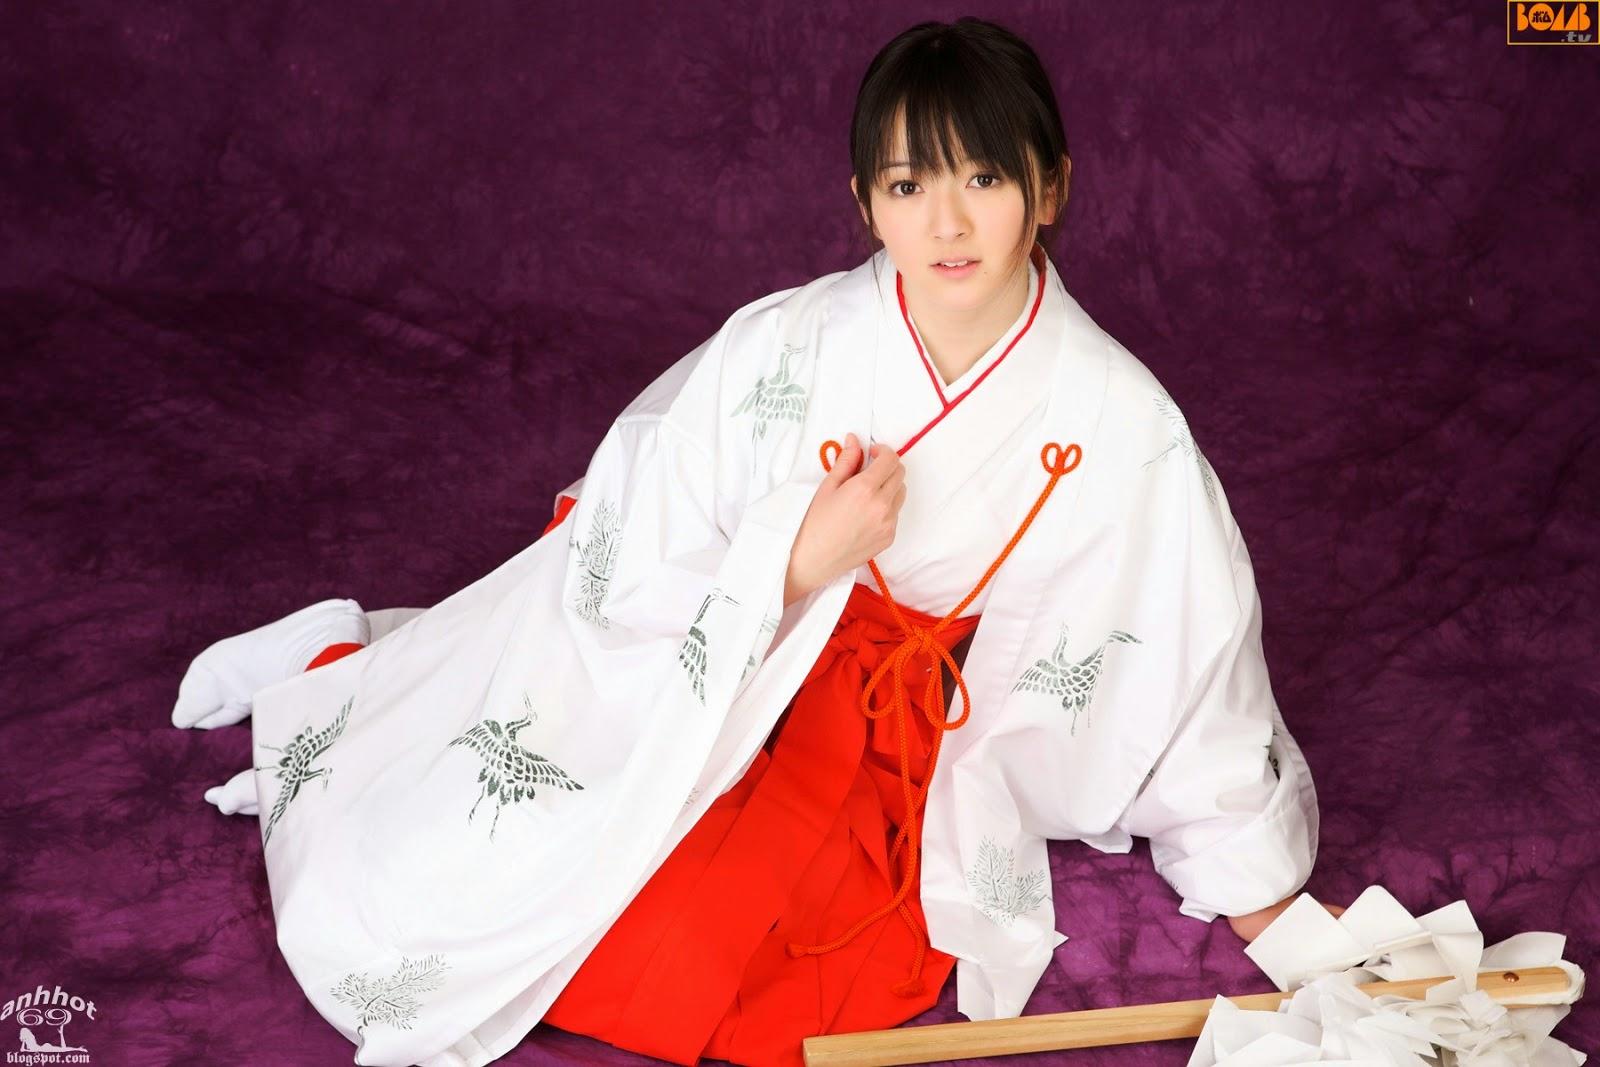 saki-takayama-01316298